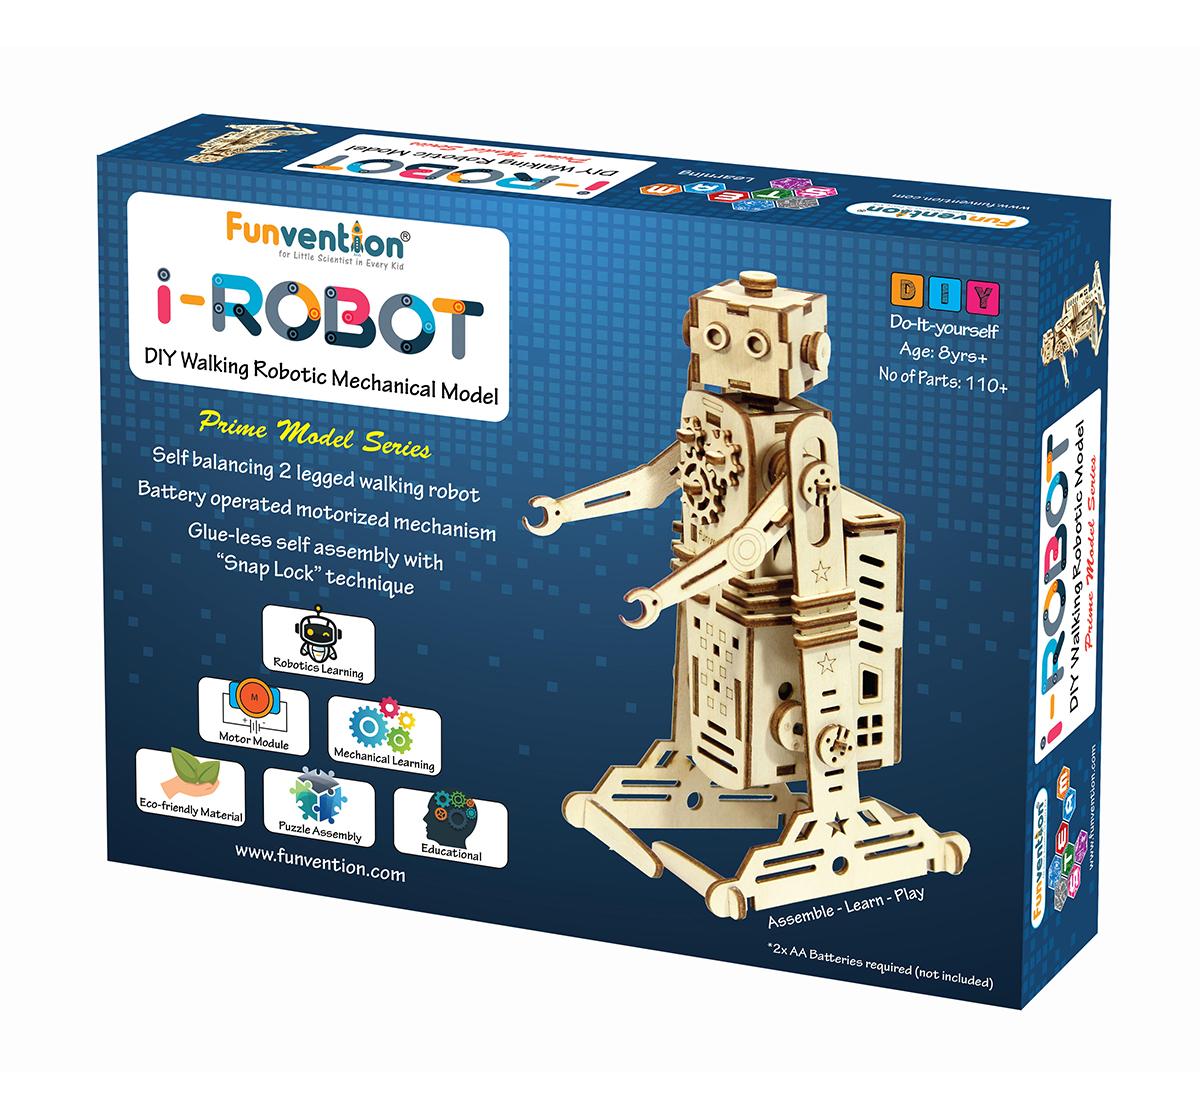 Funvention | Funvention I-Robot - Diy Walking Robotic Model (Prime Series) Stem for Kids Age 8Y+